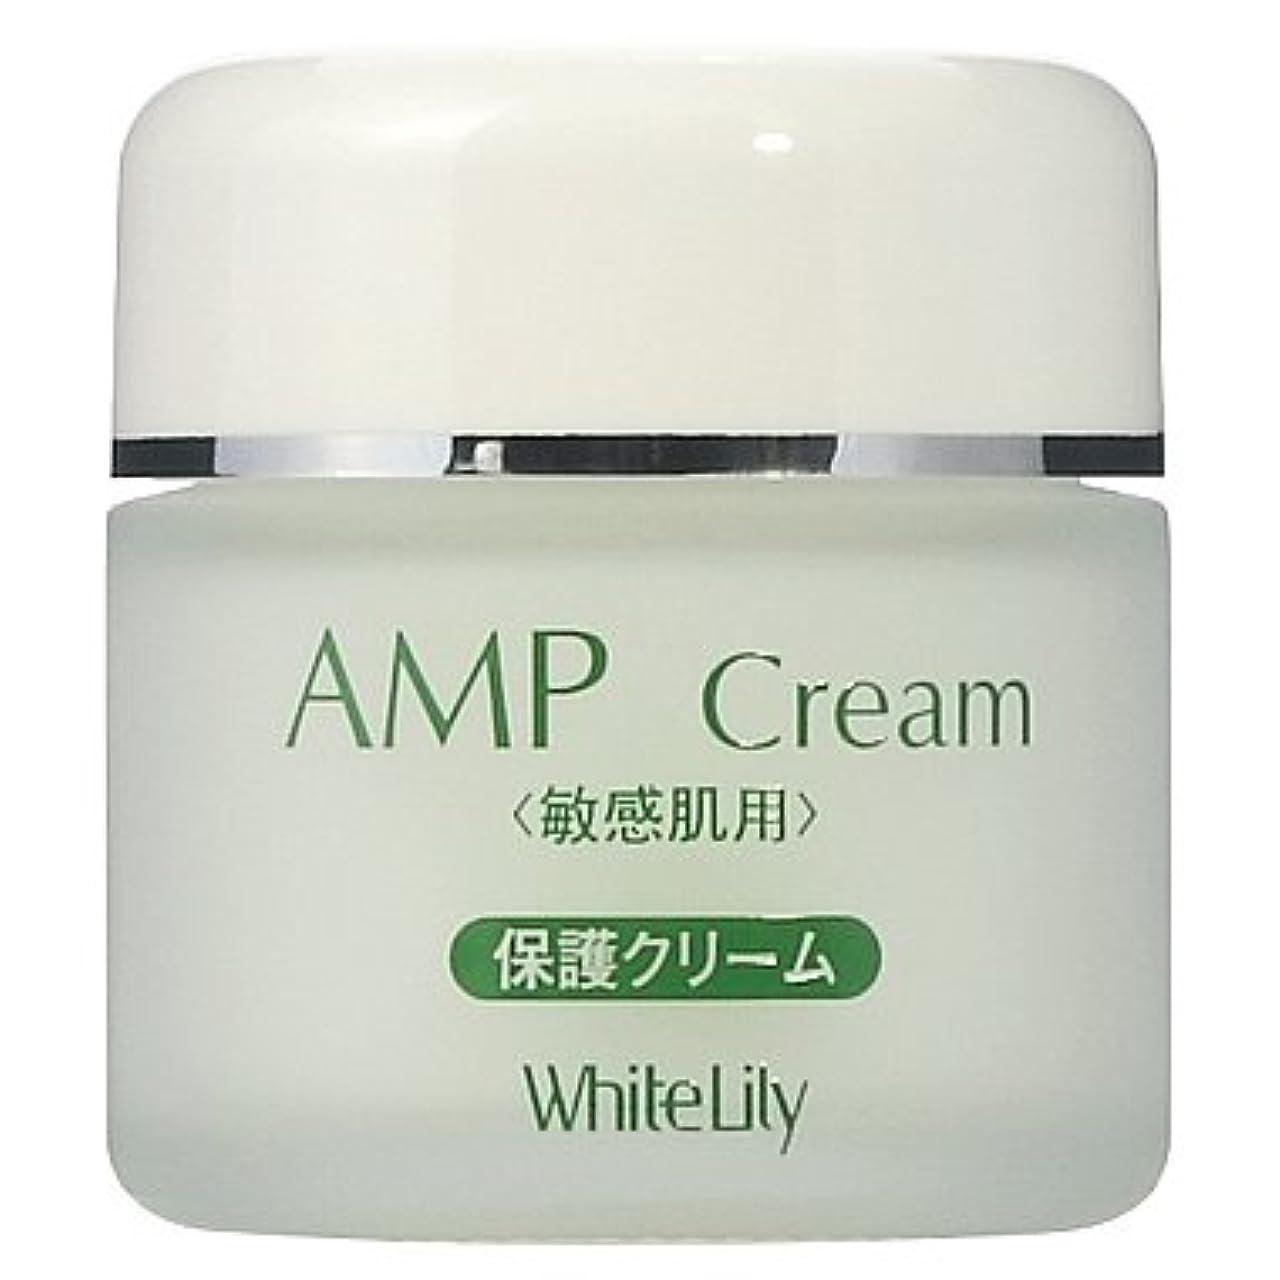 コーナーオフ優勢ホワイトリリー AMPクリーム 40g クリーム